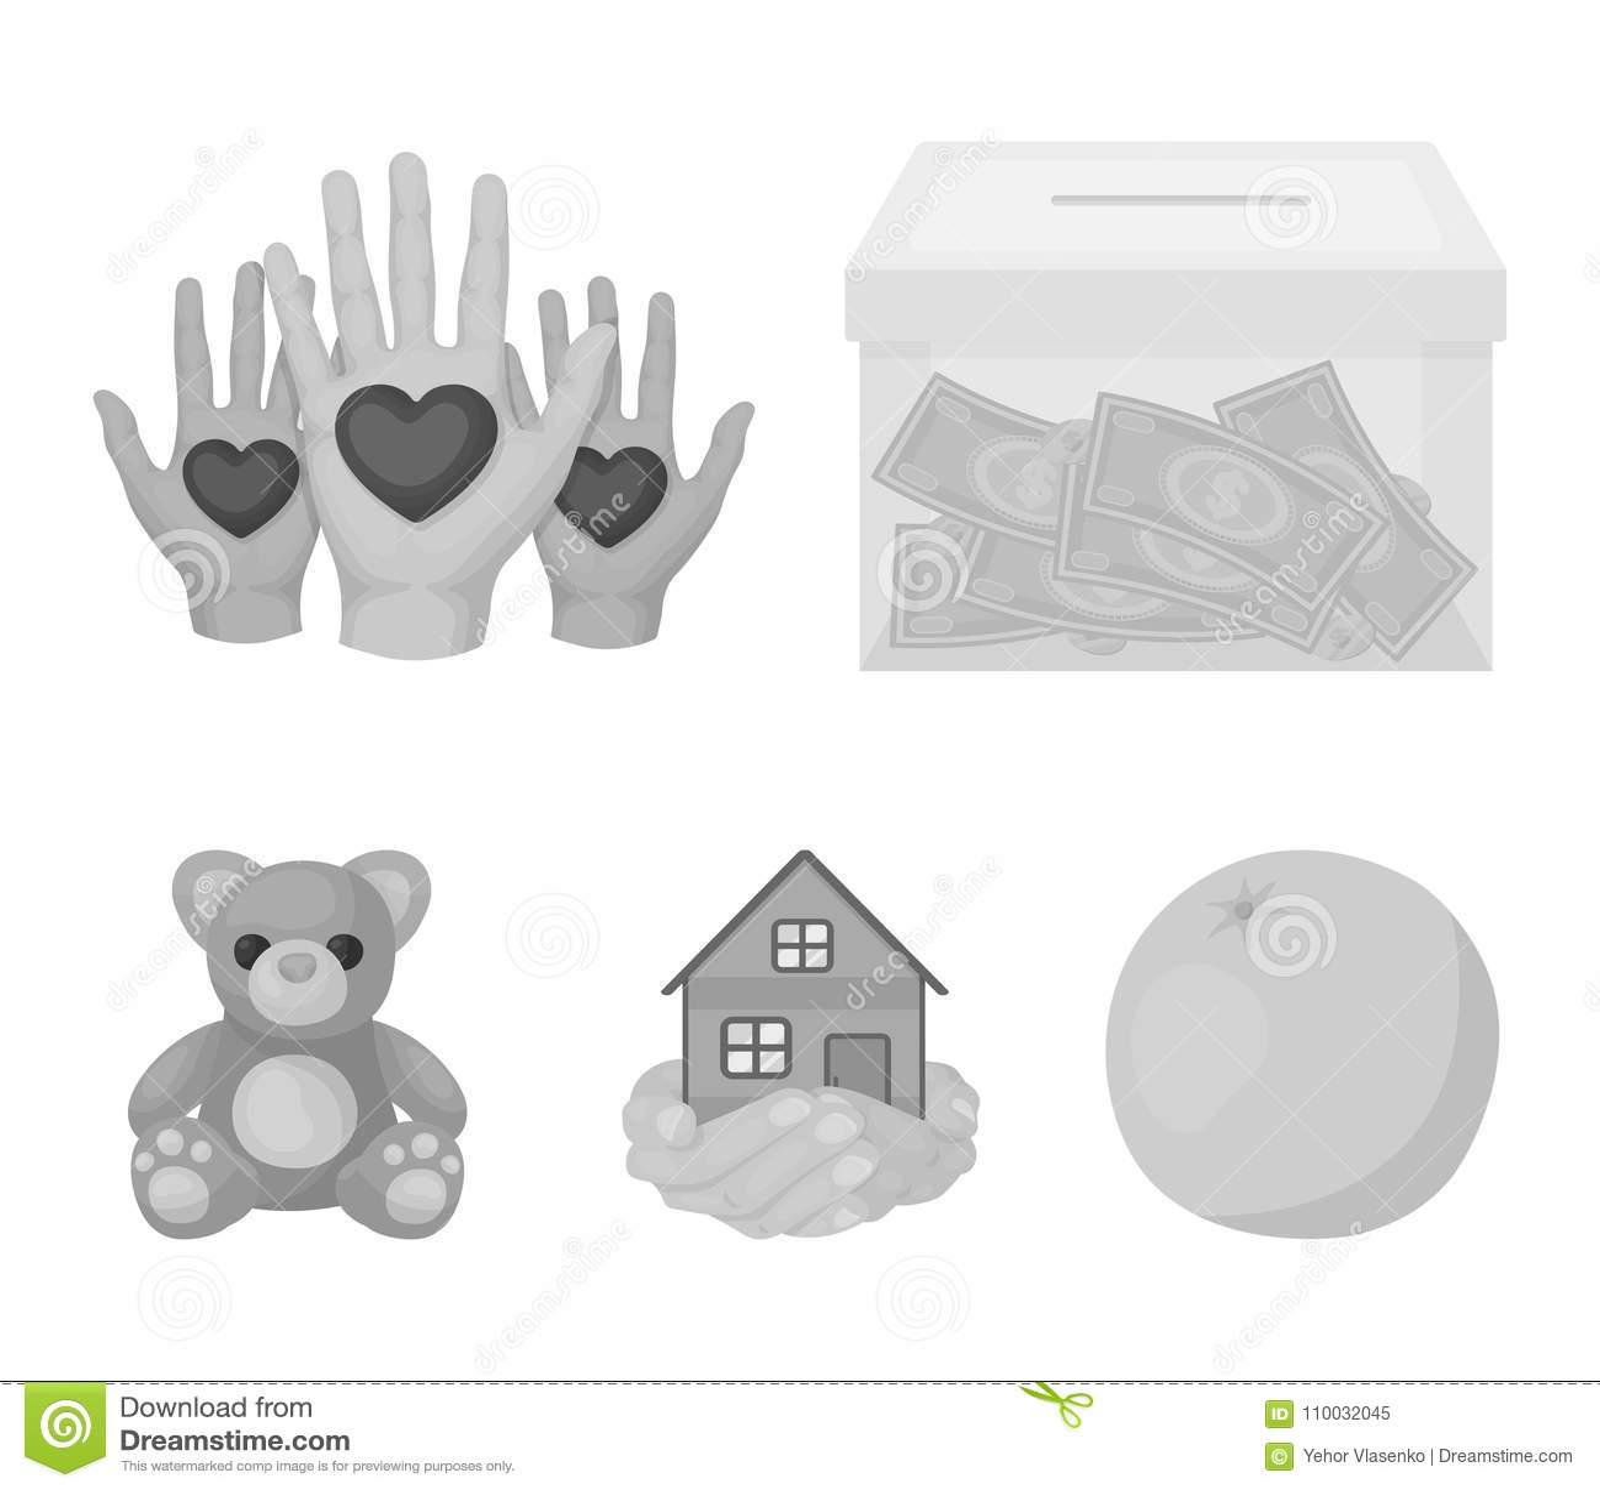 In dozen doend glas met schenkingen, handen met harten, huis in handen, teddybeer voor liefdadigheid Liefdadigheid en schenkingsr